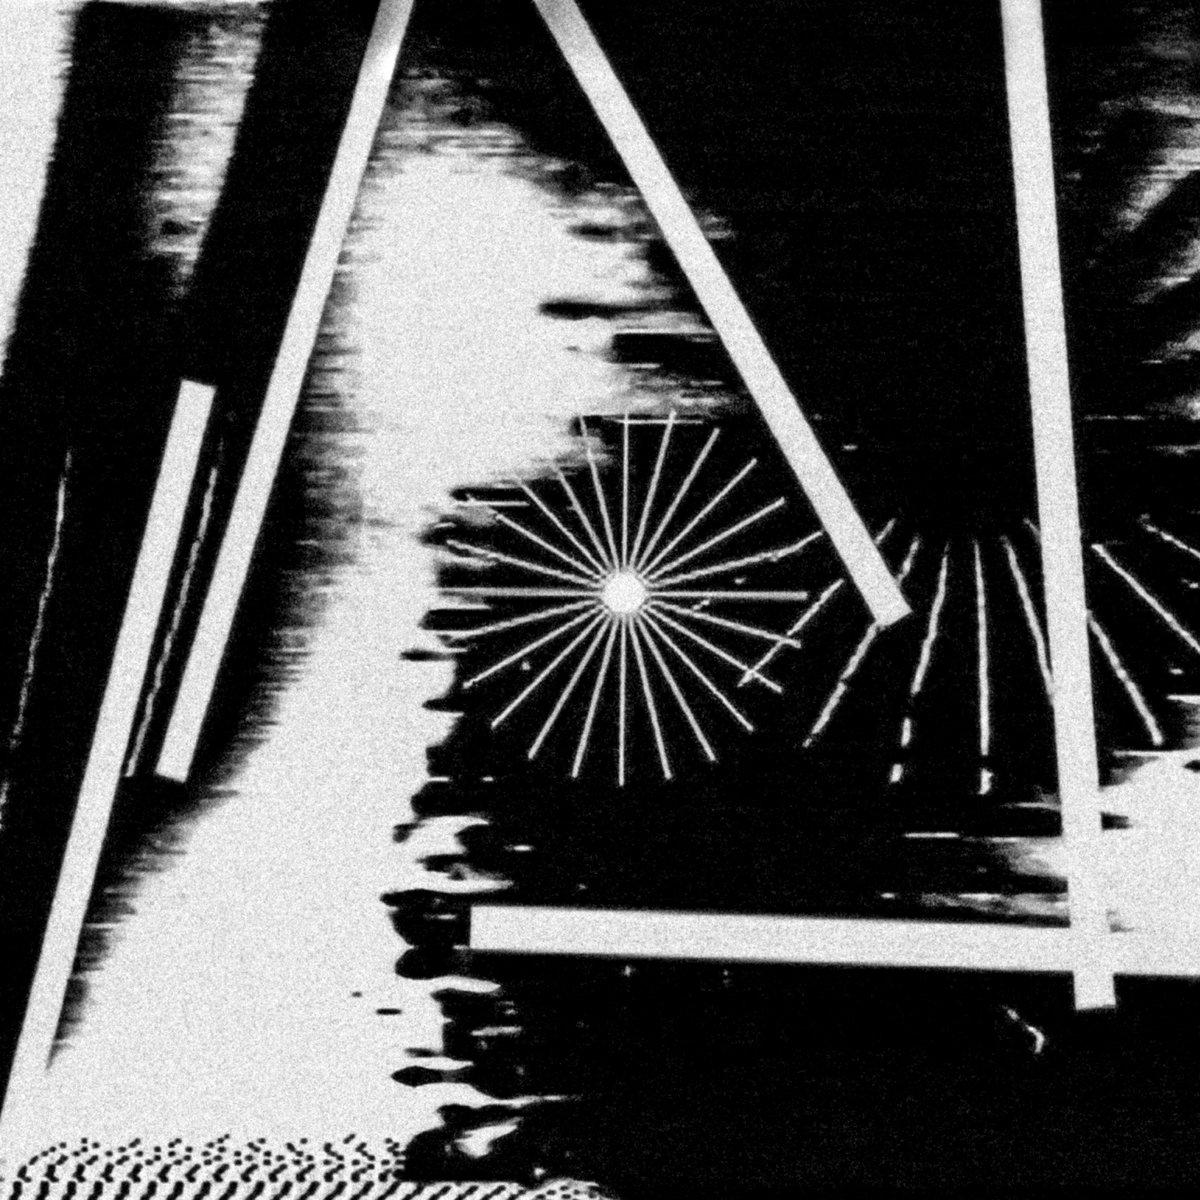 JANKA - MIDI Life Crisis